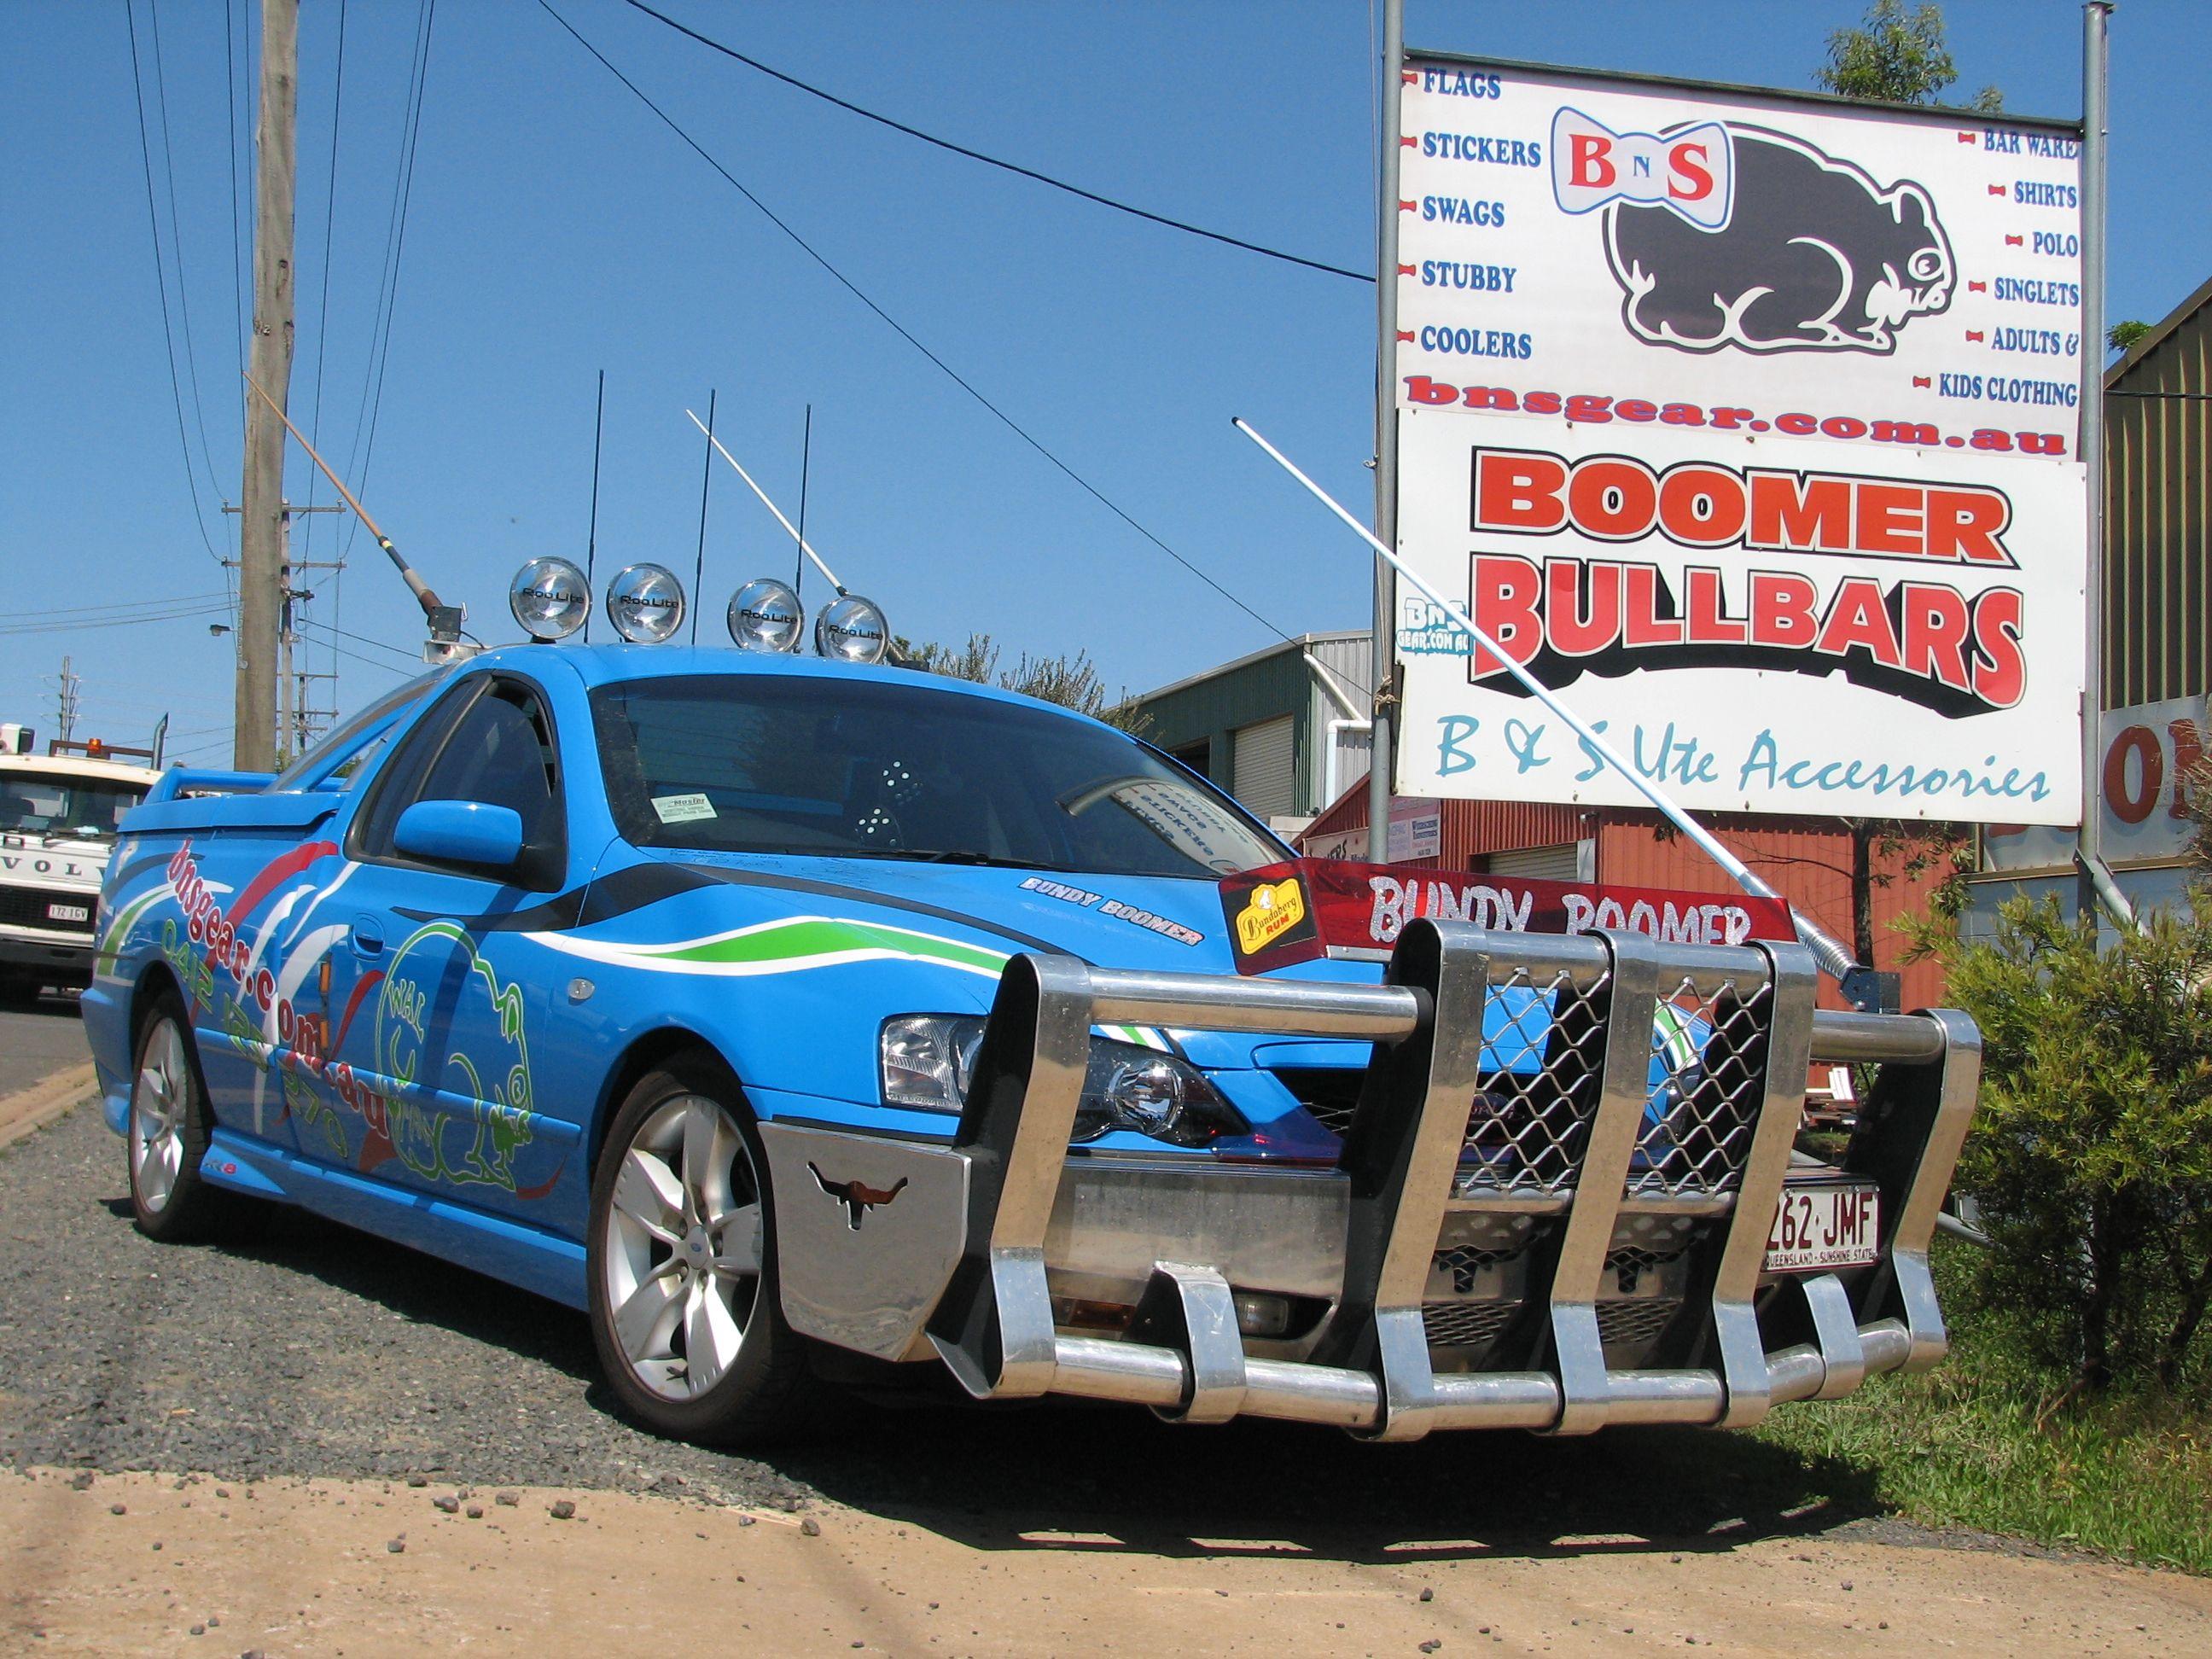 Boomer Bullbars Landcruiser Ute Dream Cars Big Trucks